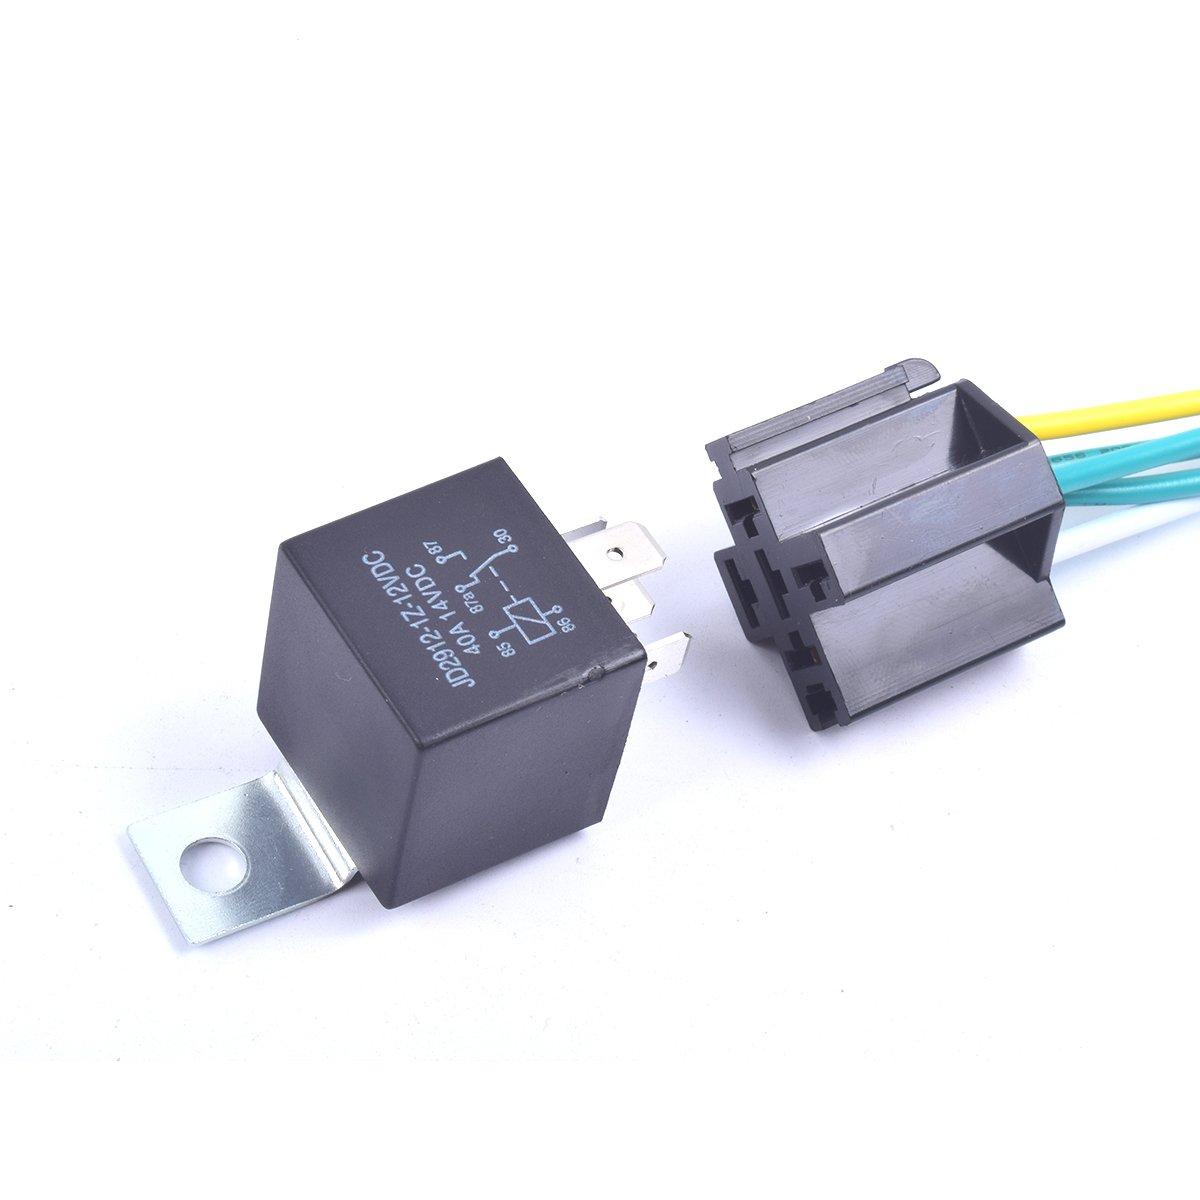 Cocar Auto Rel/é Interruptor Conmutador de Carril 5 Arn/és Precableado 12V DC Contactores SPDT 5 Pin 40Amp Cable Set de Cobre Premium JD2912 Paquete de 2